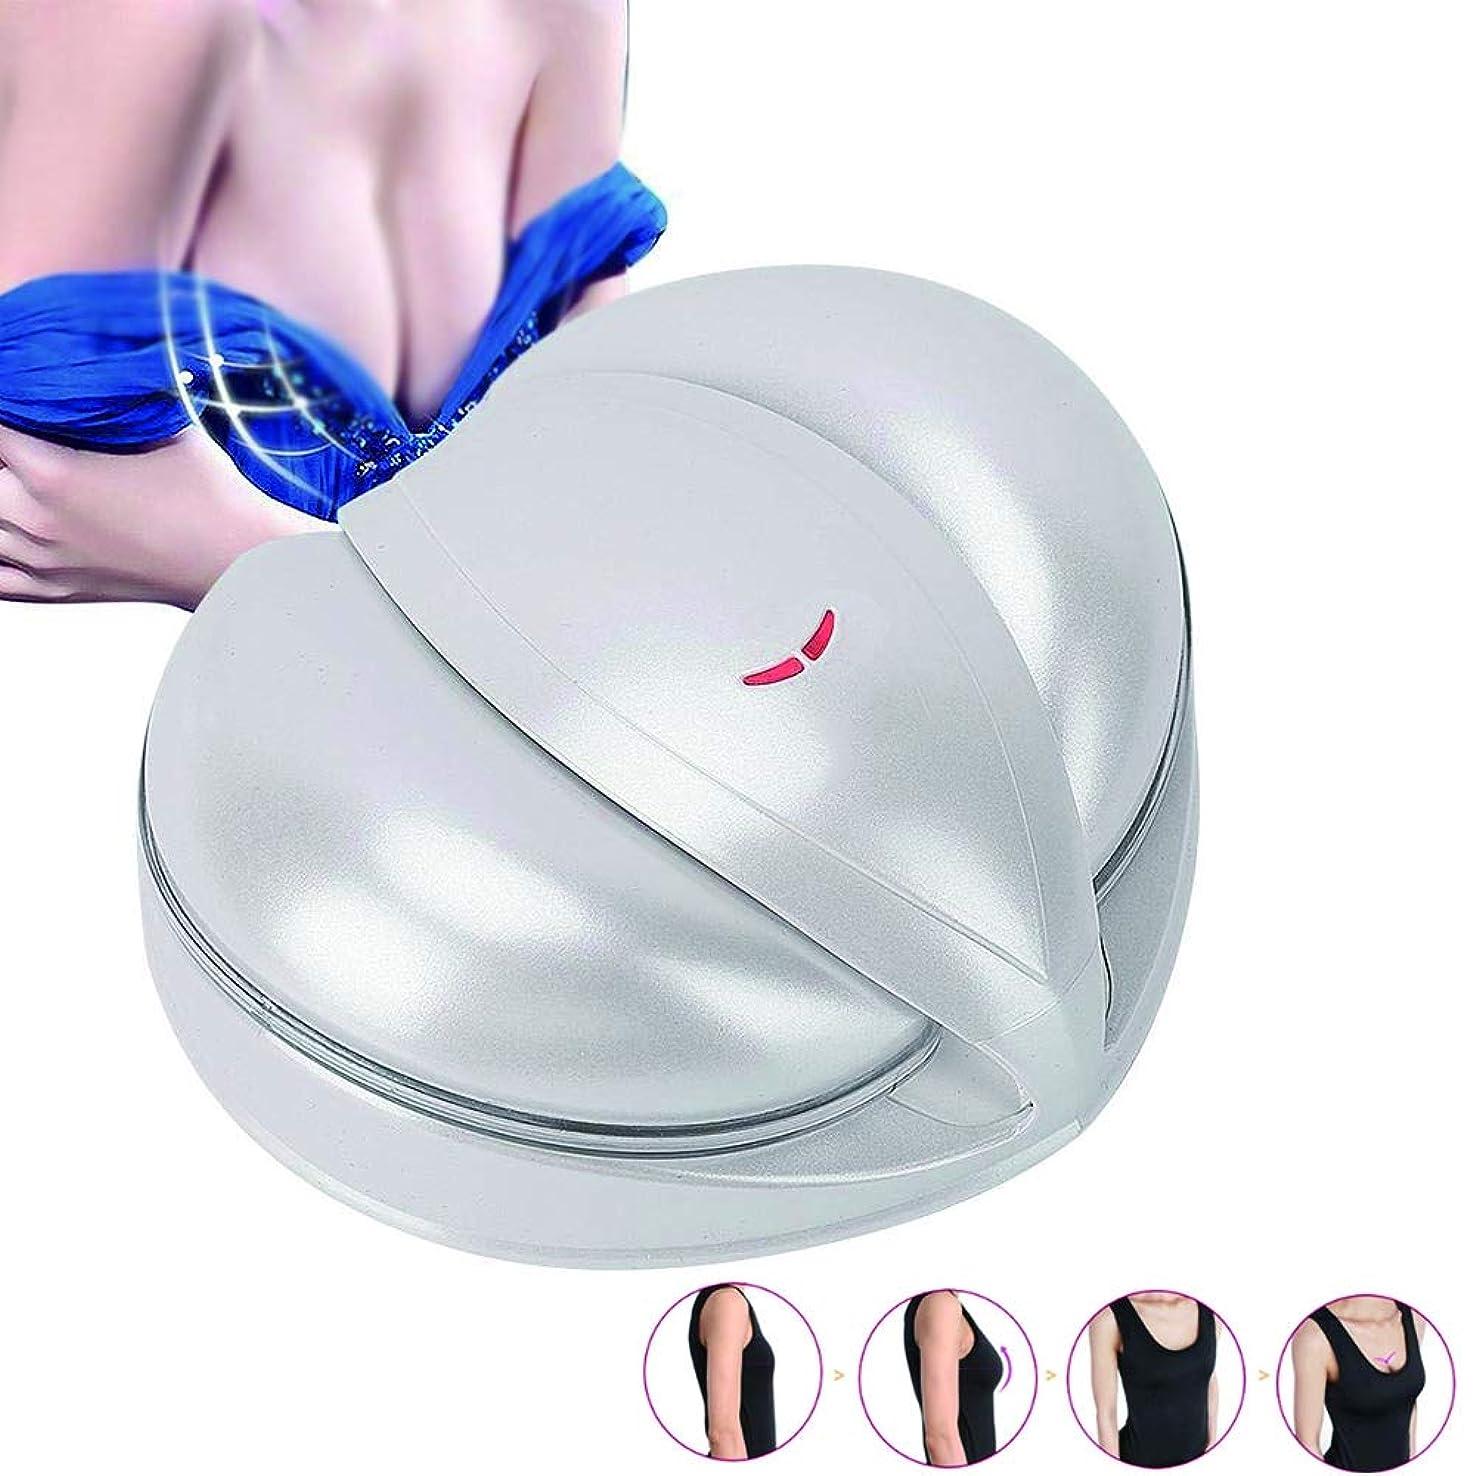 ボリューム情報たるみ胸部マッサージ器胸の強化インストゥルメント、?胸のリフティングマッサージ器電動乳引き伸ばしおよび抗たるみマッサージ装置